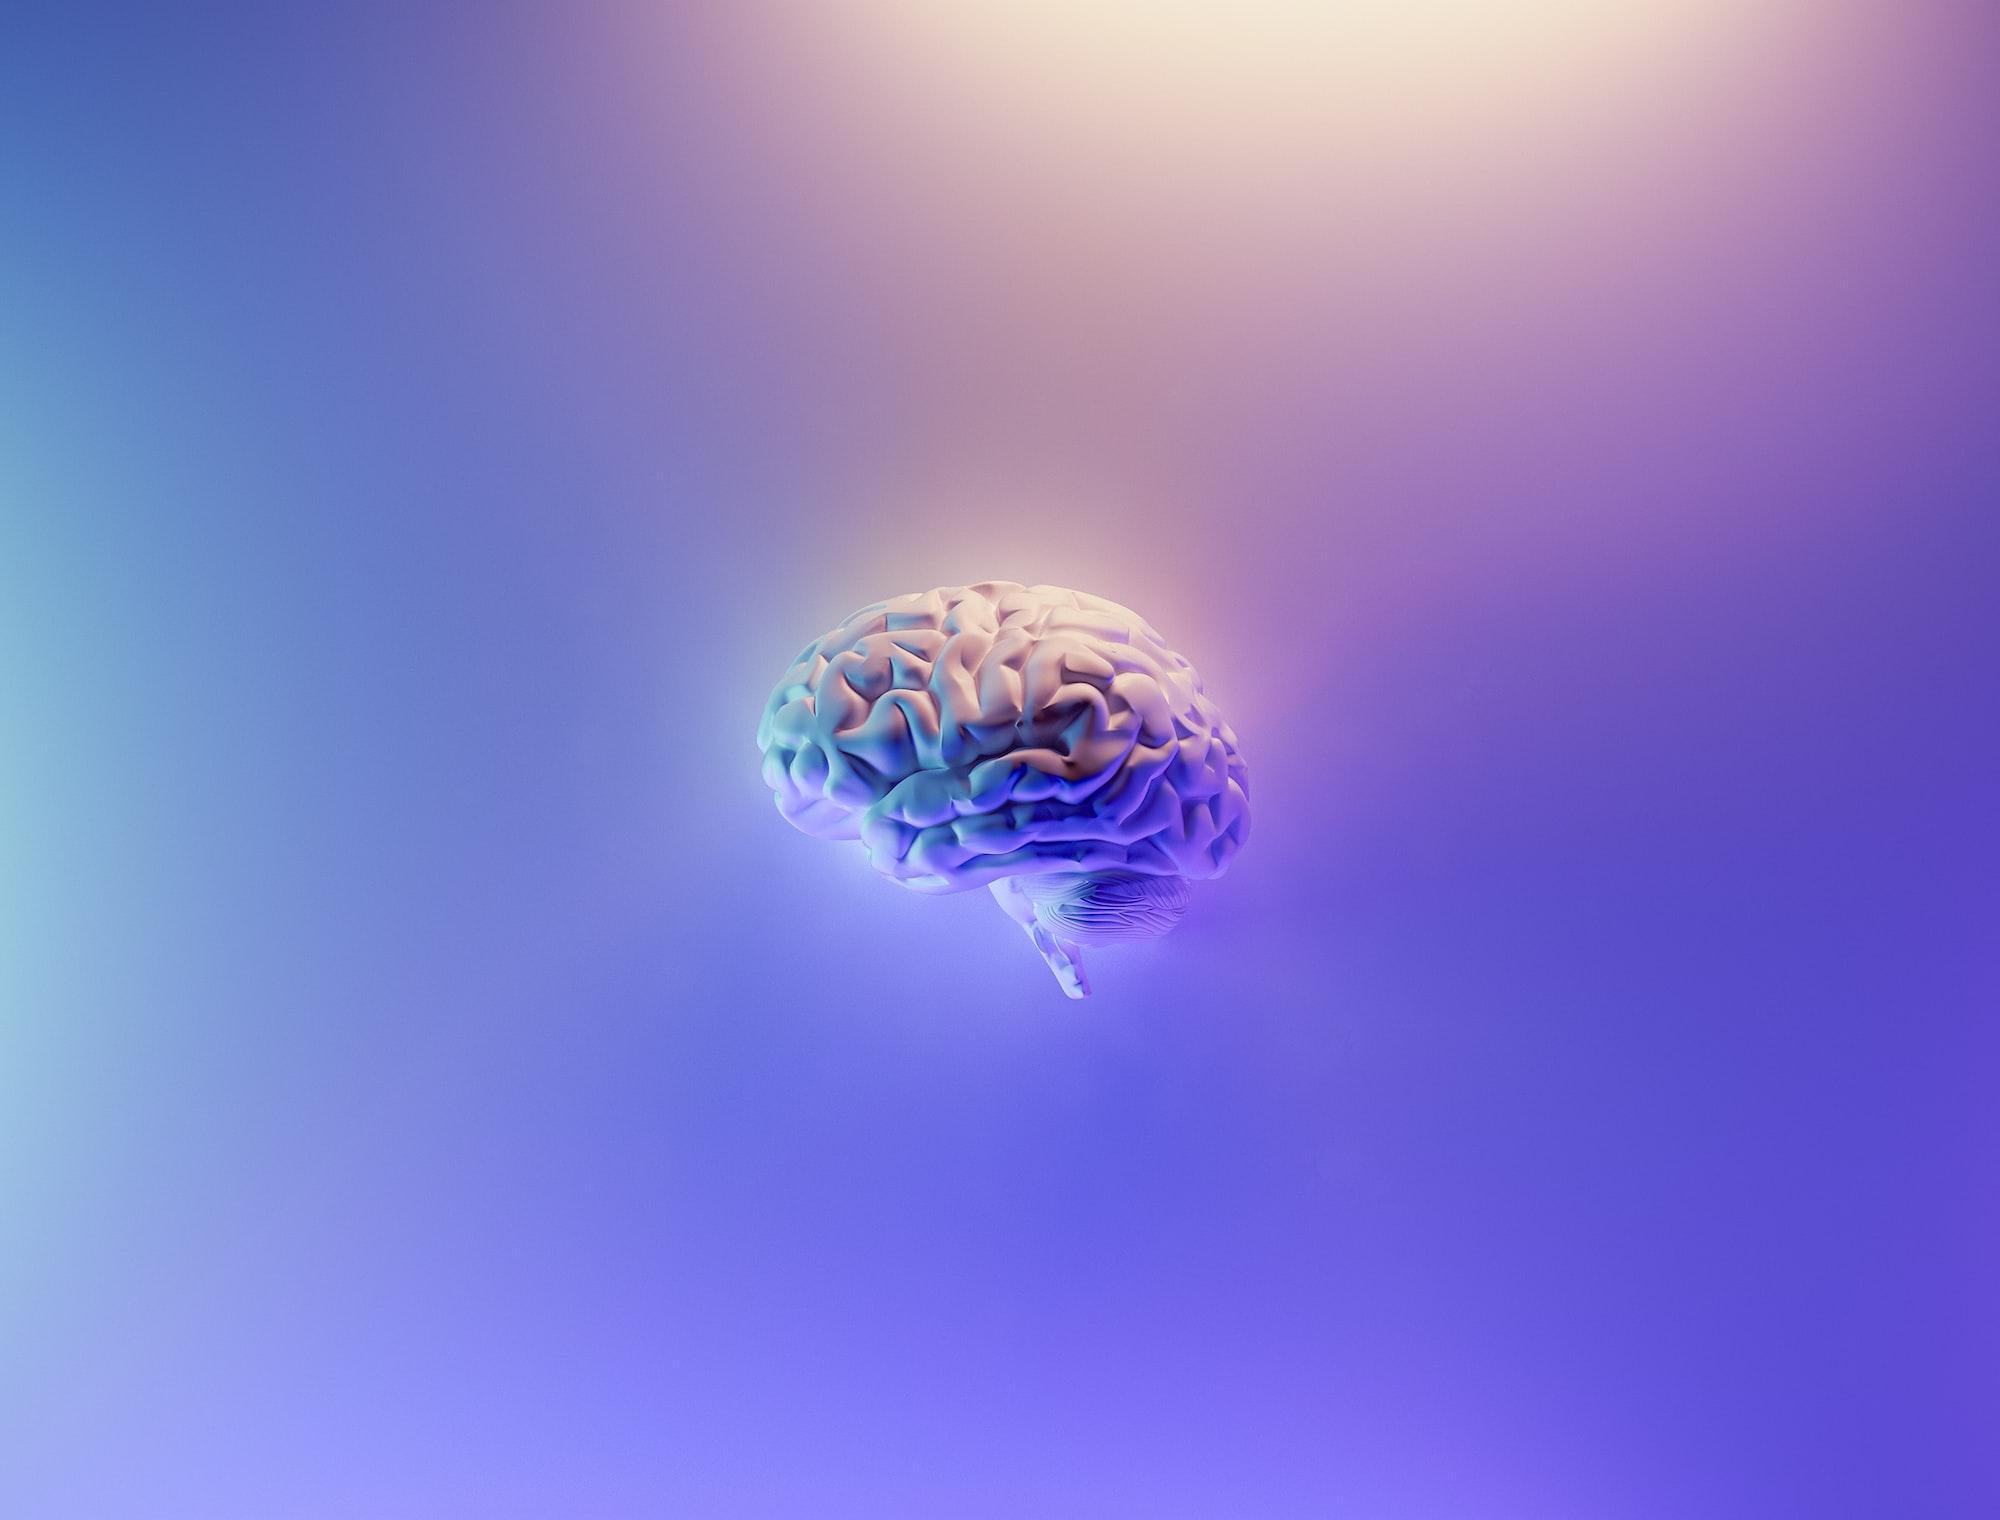 Will Elon Musk's Neuralink brain chip turn you into a stupid robot?